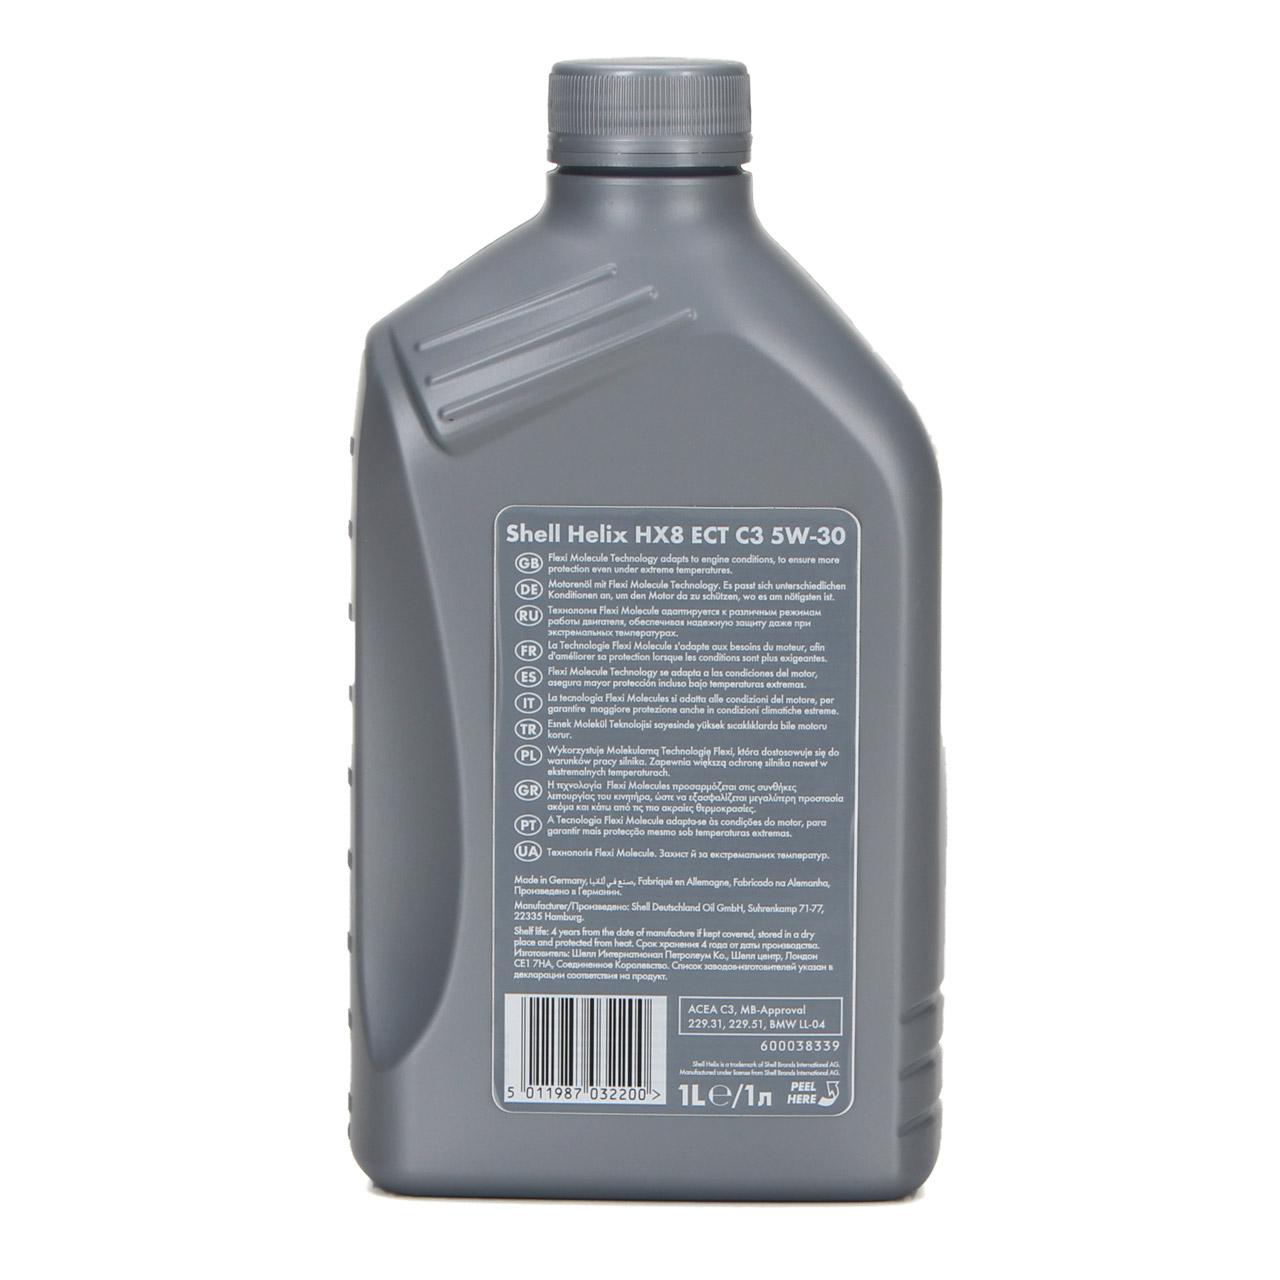 SHELL Motoröl ÖL HELIX HX8 ECT C3 5W-30 5W30 für MB 229.31 229.51 - 1L 1 Liter